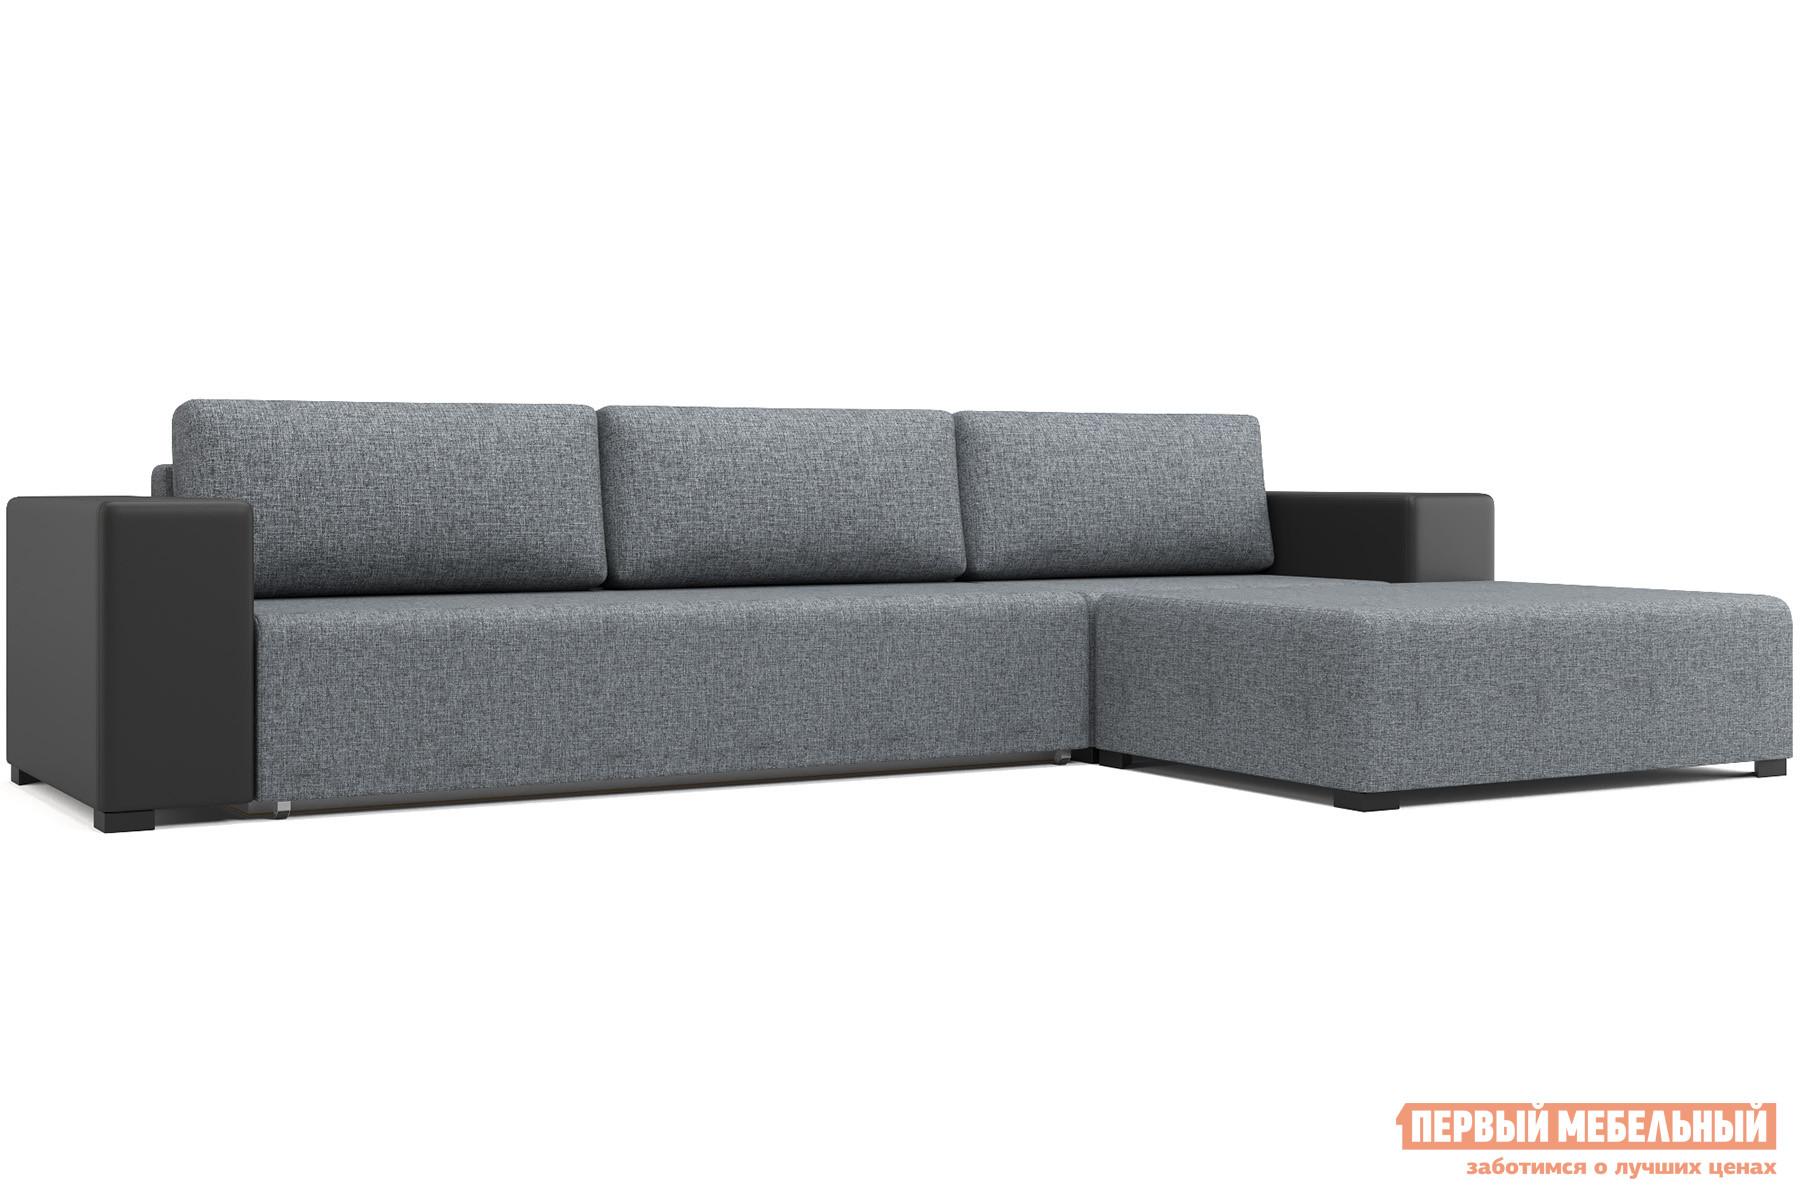 Угловой диван Первый Мебельный Куба с пуфом